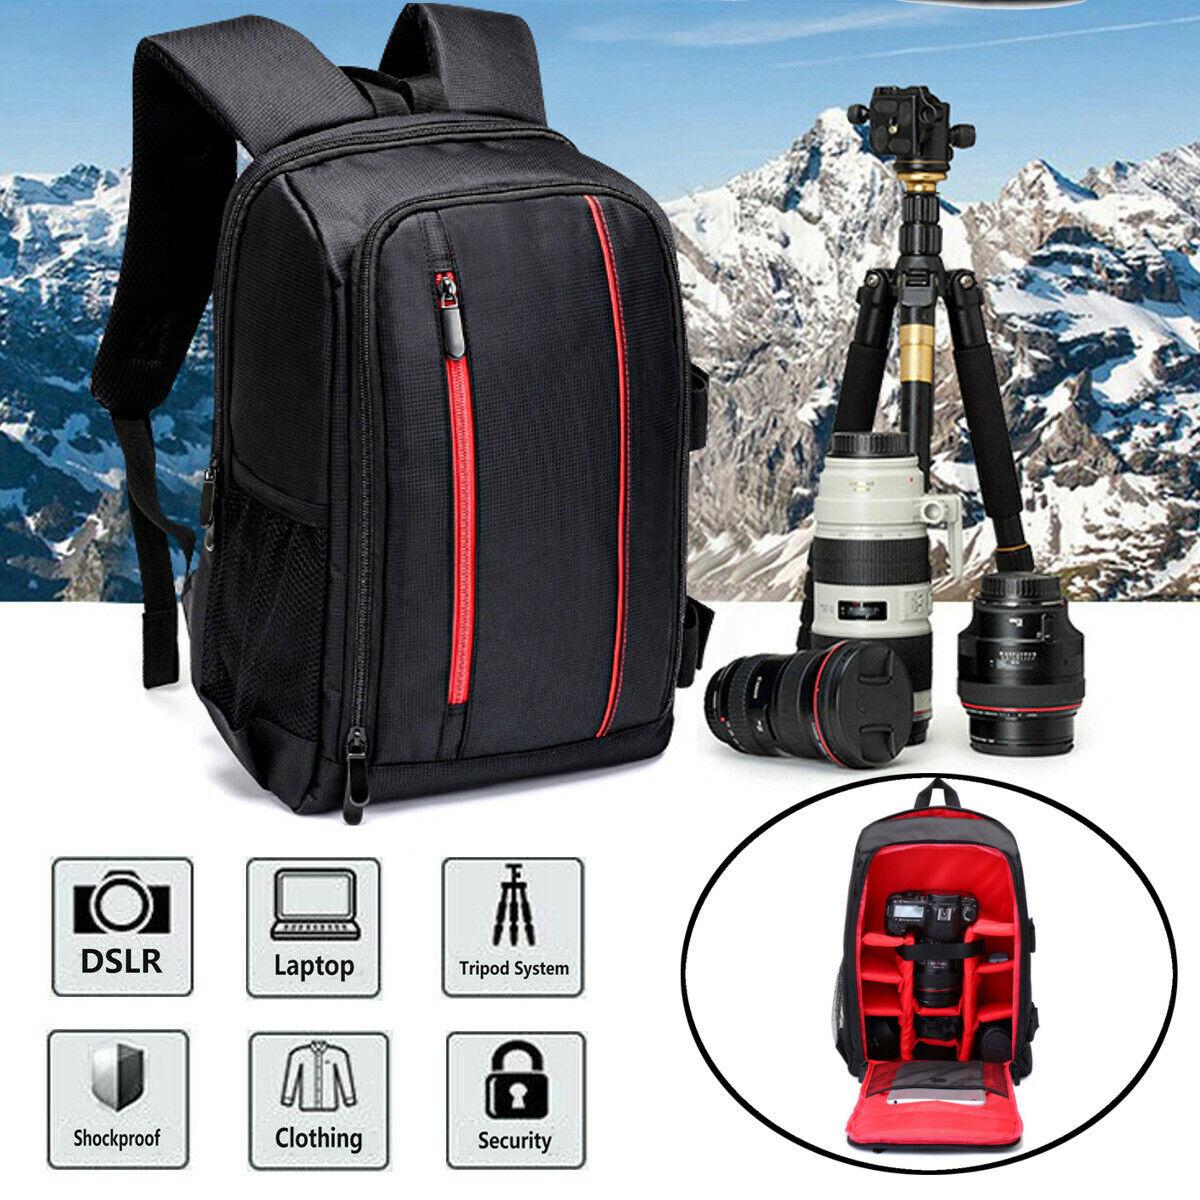 Color : Black, Size : 44x19x29cm Teerwere Photography Laptop Backpack SLR Lens Camera Liner Bag Storage Bag SLR Accessory Bag Digital Camera Bag Photography Bag for DslCamera Lens and Accessories